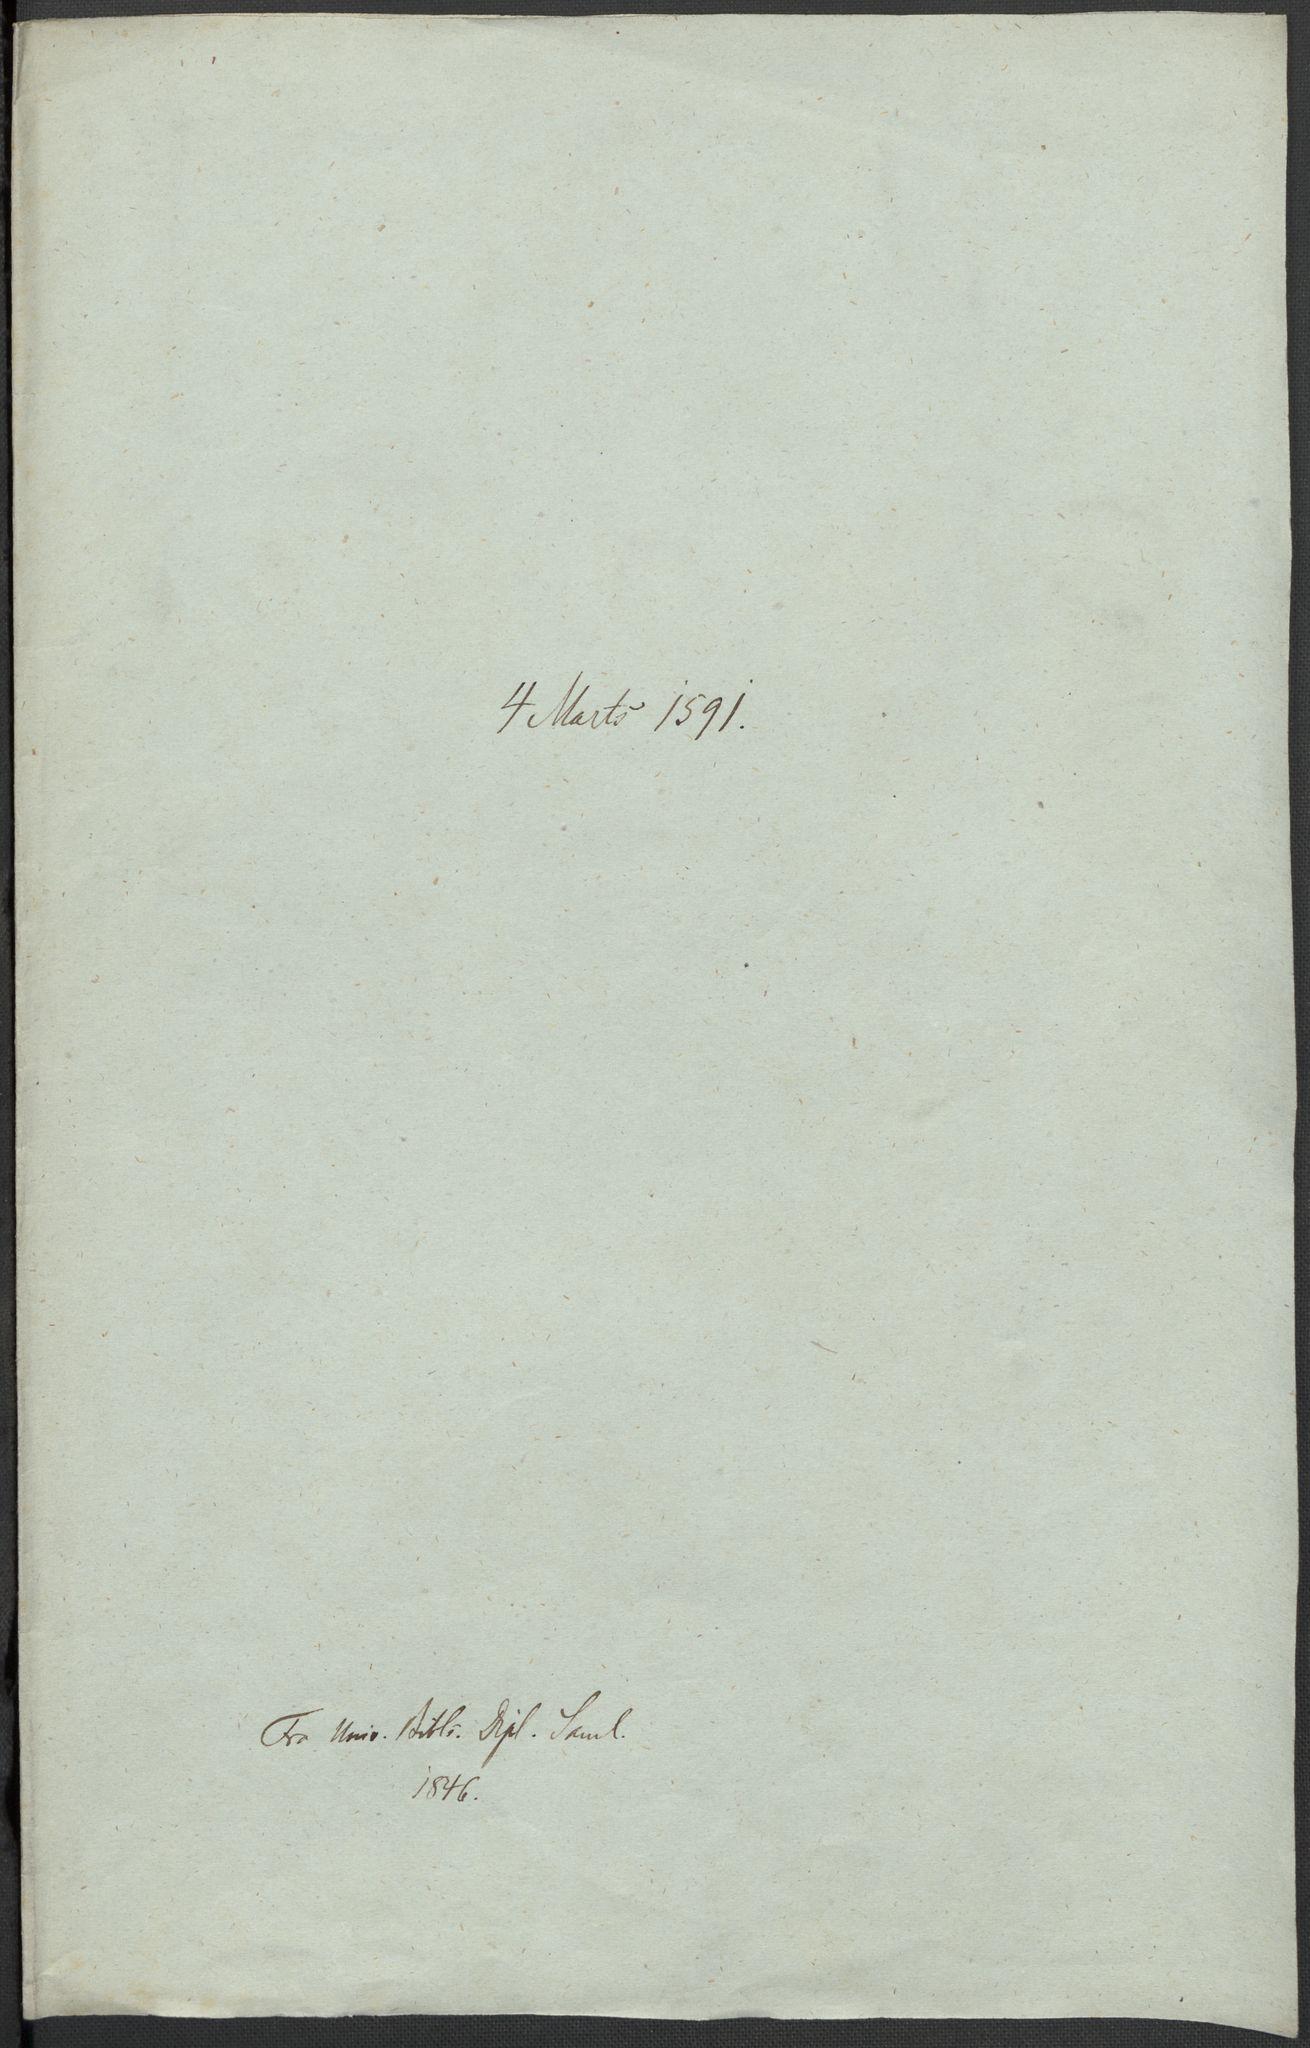 RA, Riksarkivets diplomsamling, F02/L0093: Dokumenter, 1591, s. 47